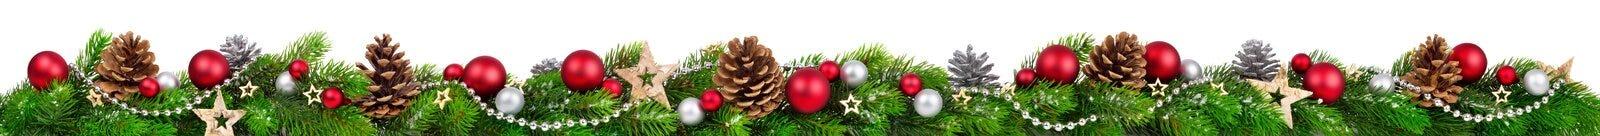 Frontière de Noël, extra au loin Image libre de droits